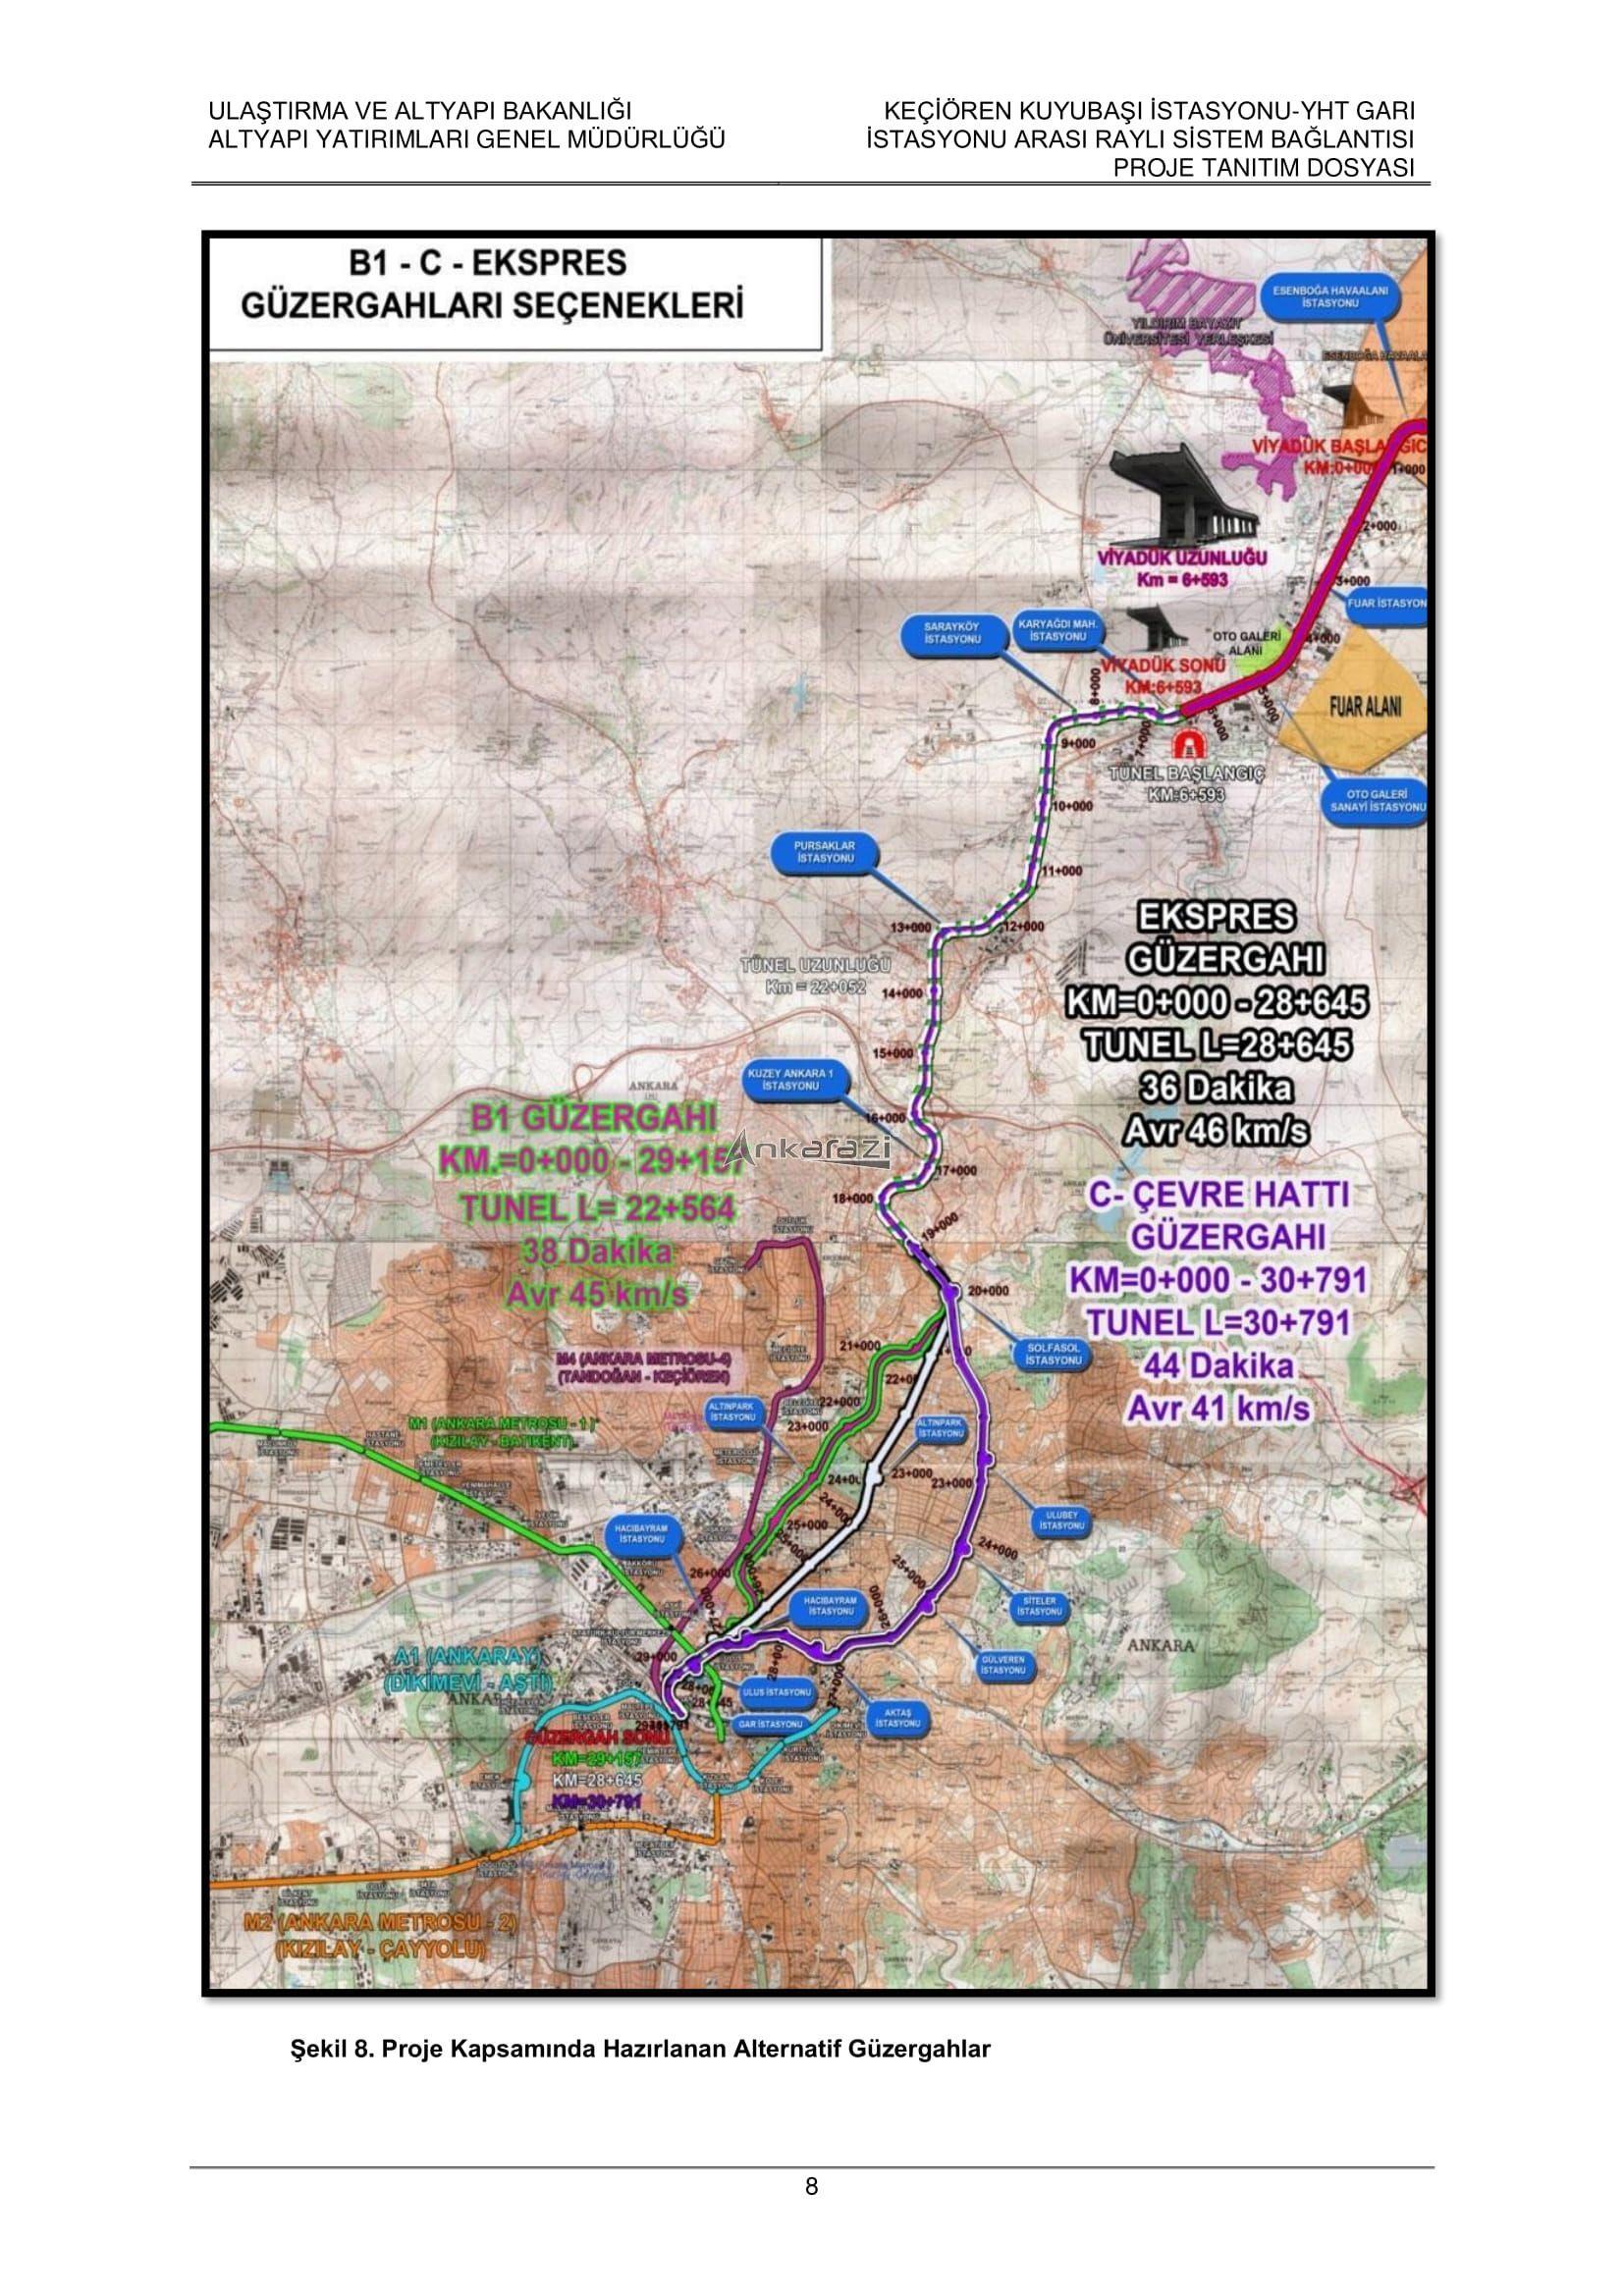 Keçiören-Siteler-YHT Garı Metro Hattı, Nihai Proje Dosyası... 3696